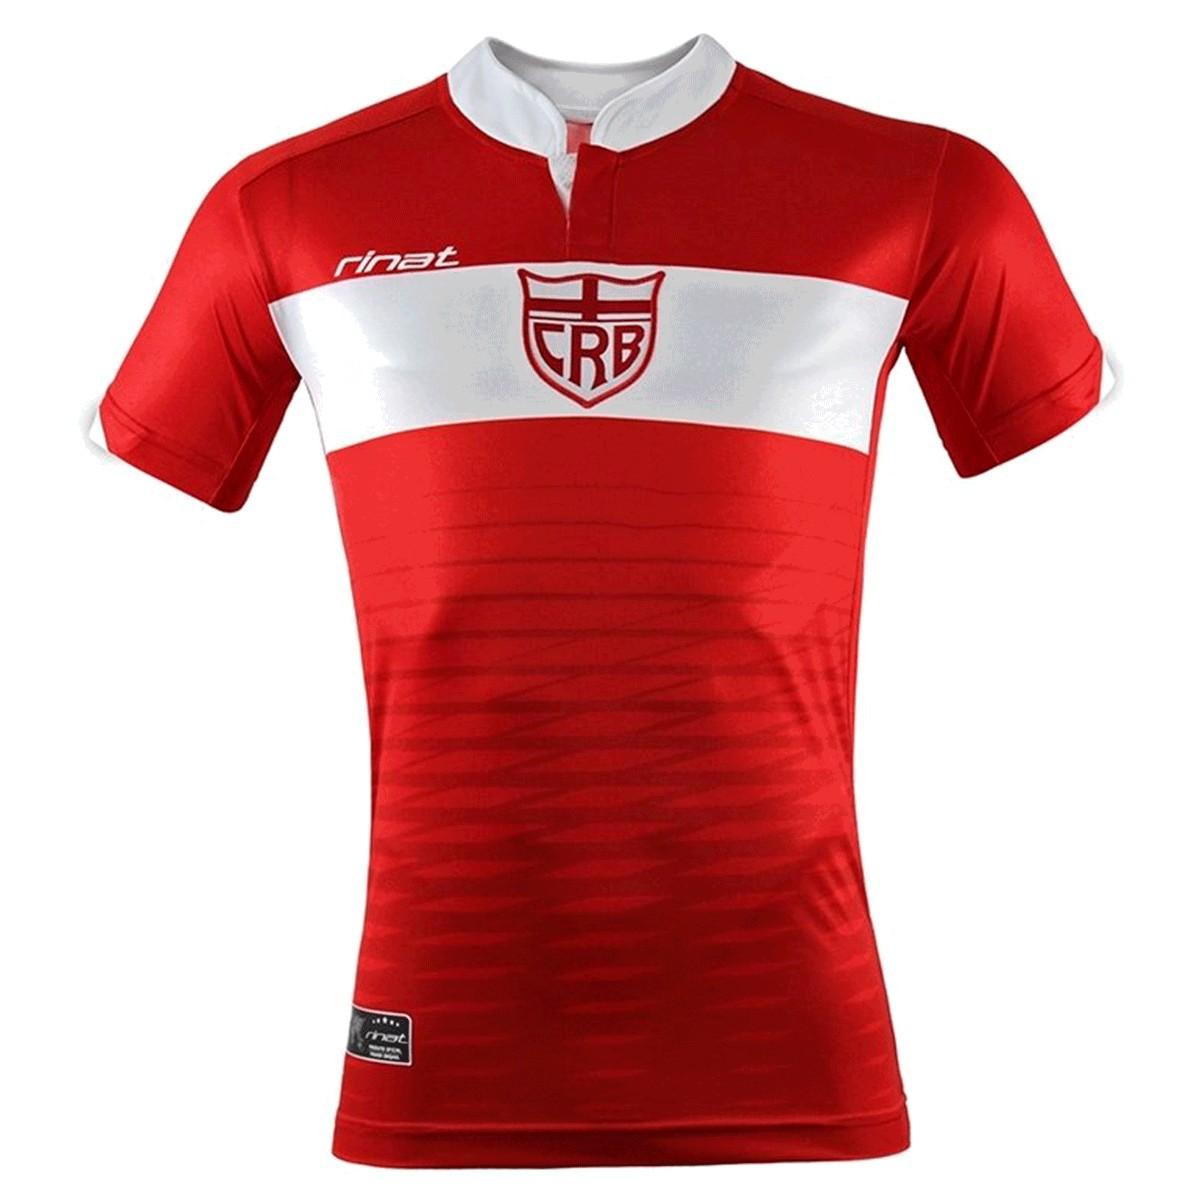 Camisa CRB Alagoas Rinat Oficial Jogo II 2016 - Vermelho